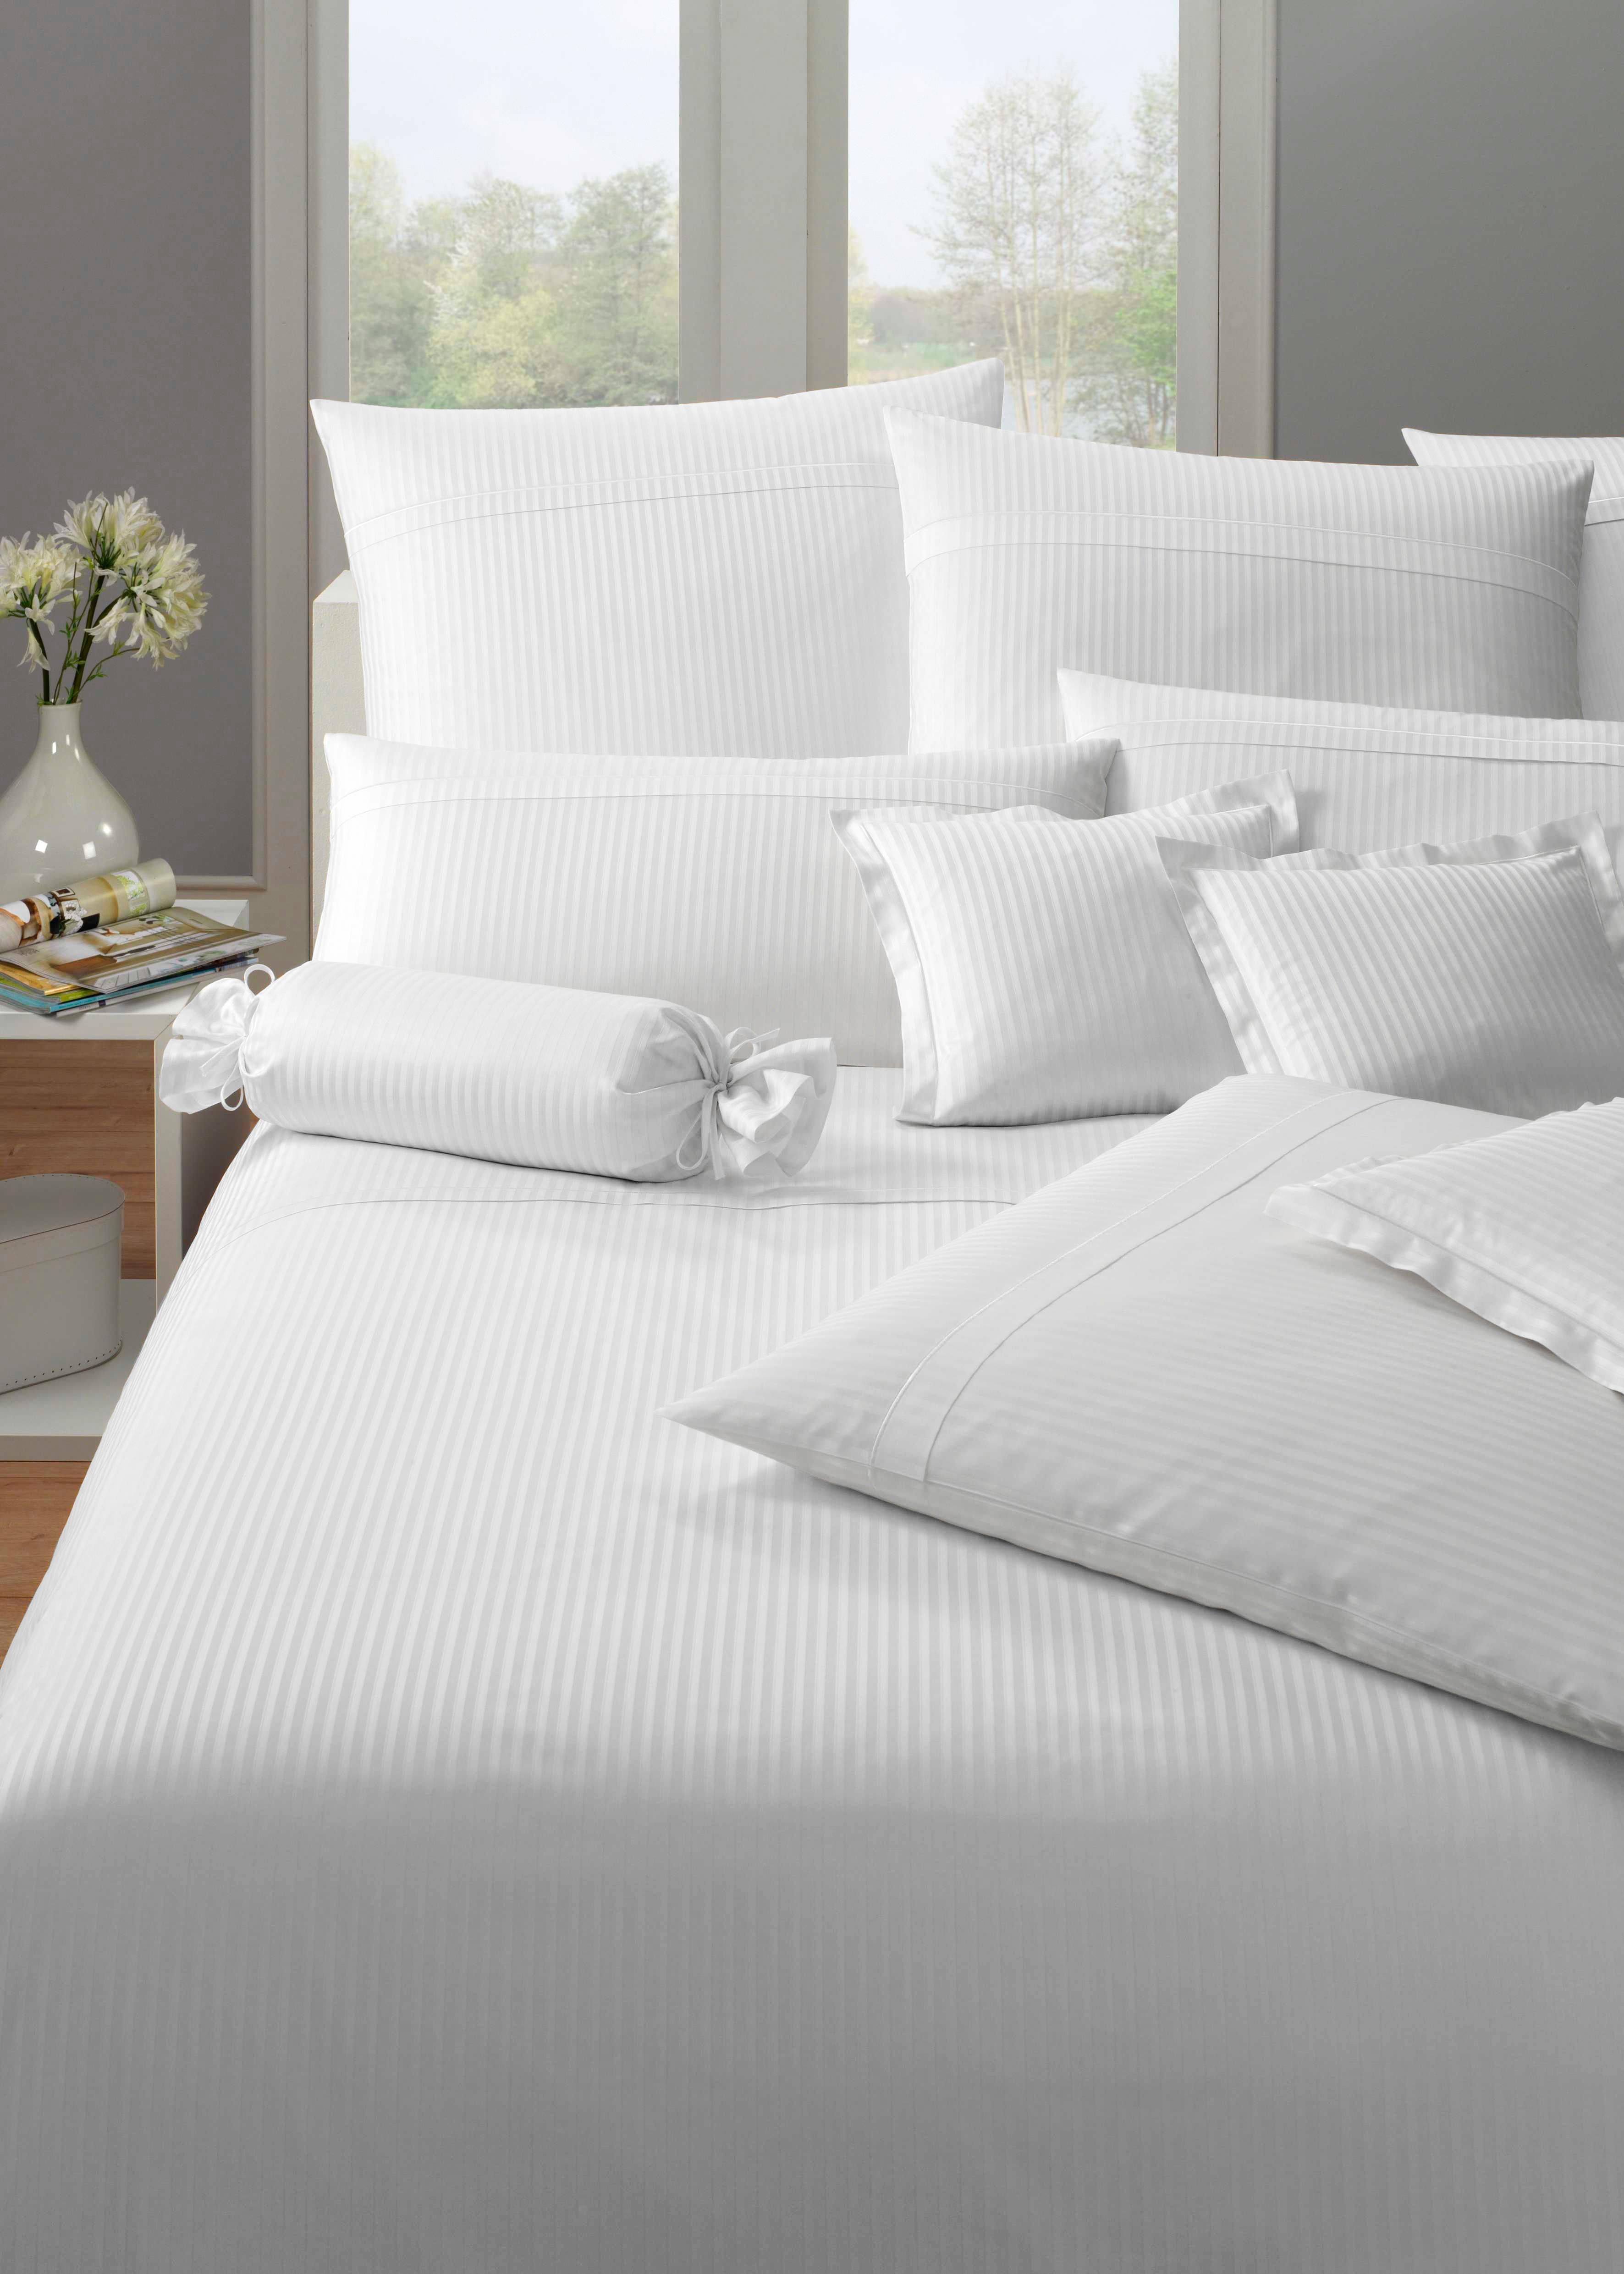 Bettwäsche »Milano«, Elegante | Heimtextilien > Bettwäsche und Laken > Bettwäsche-Garnituren | Weiß | Jacquard - Satin - Damast - Baumwolle | ELEGANTE